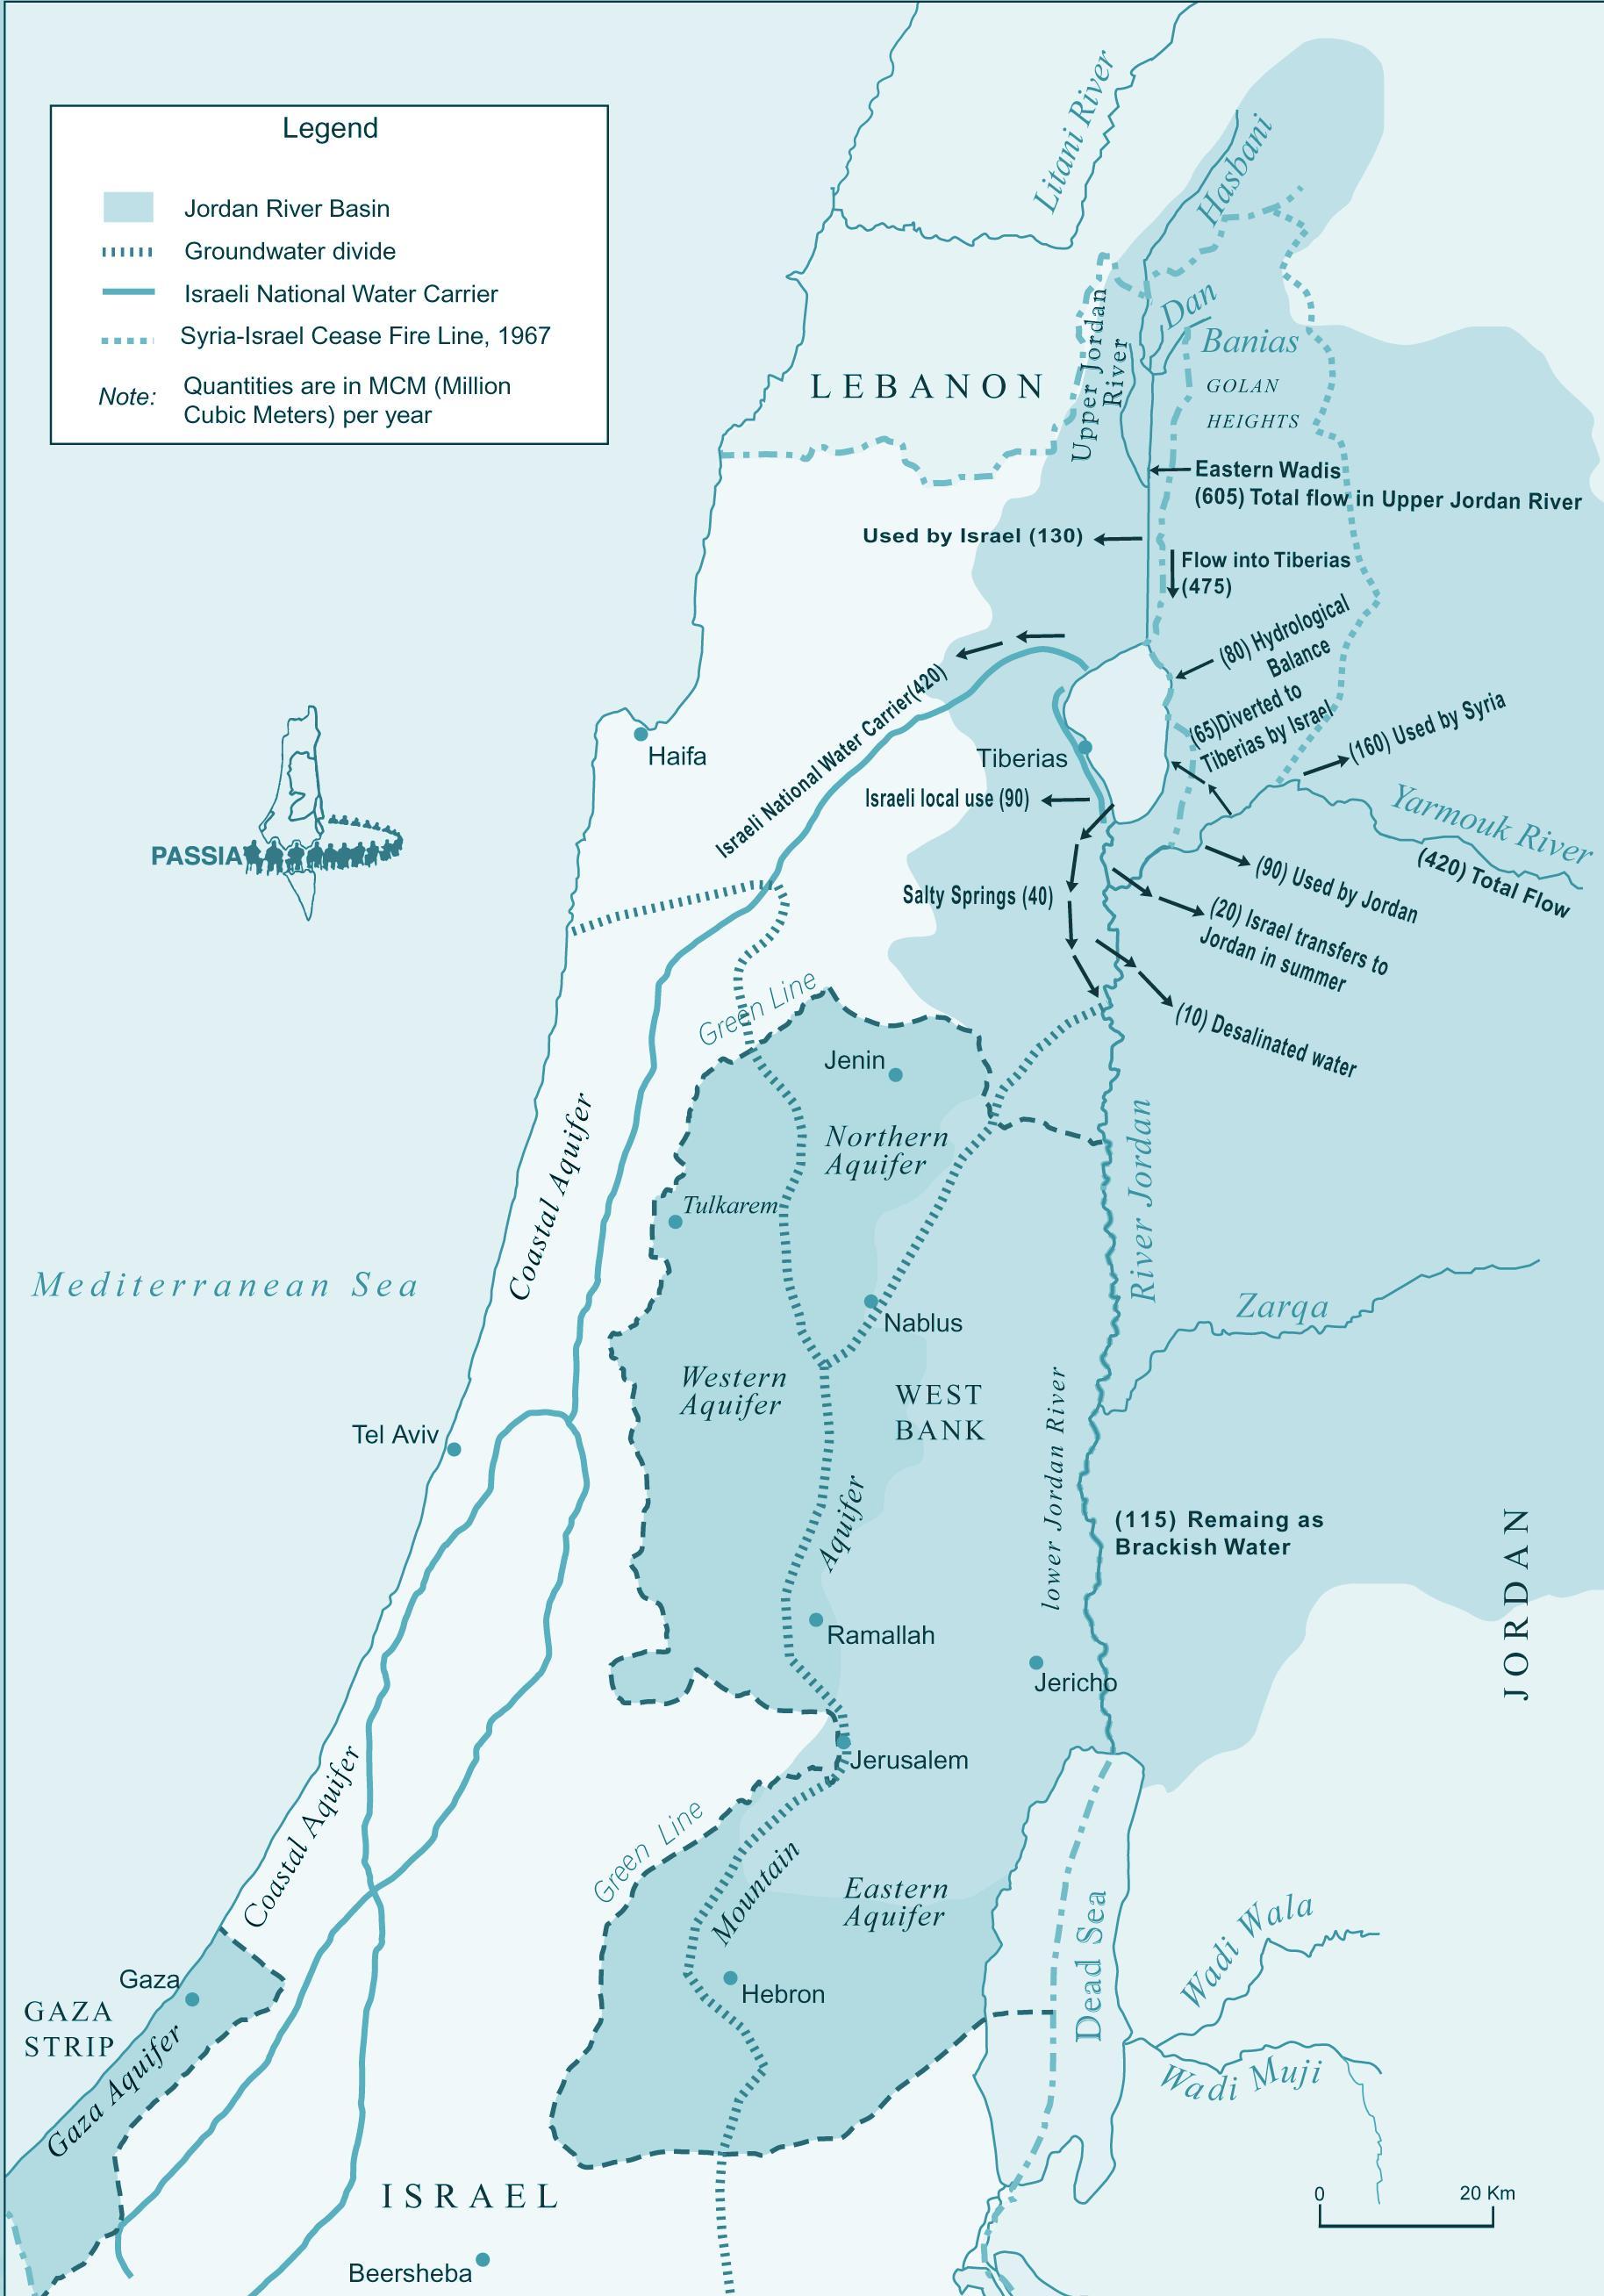 Israel Karte.Israel River Karte Karte Von Israel River Western Asien Asia